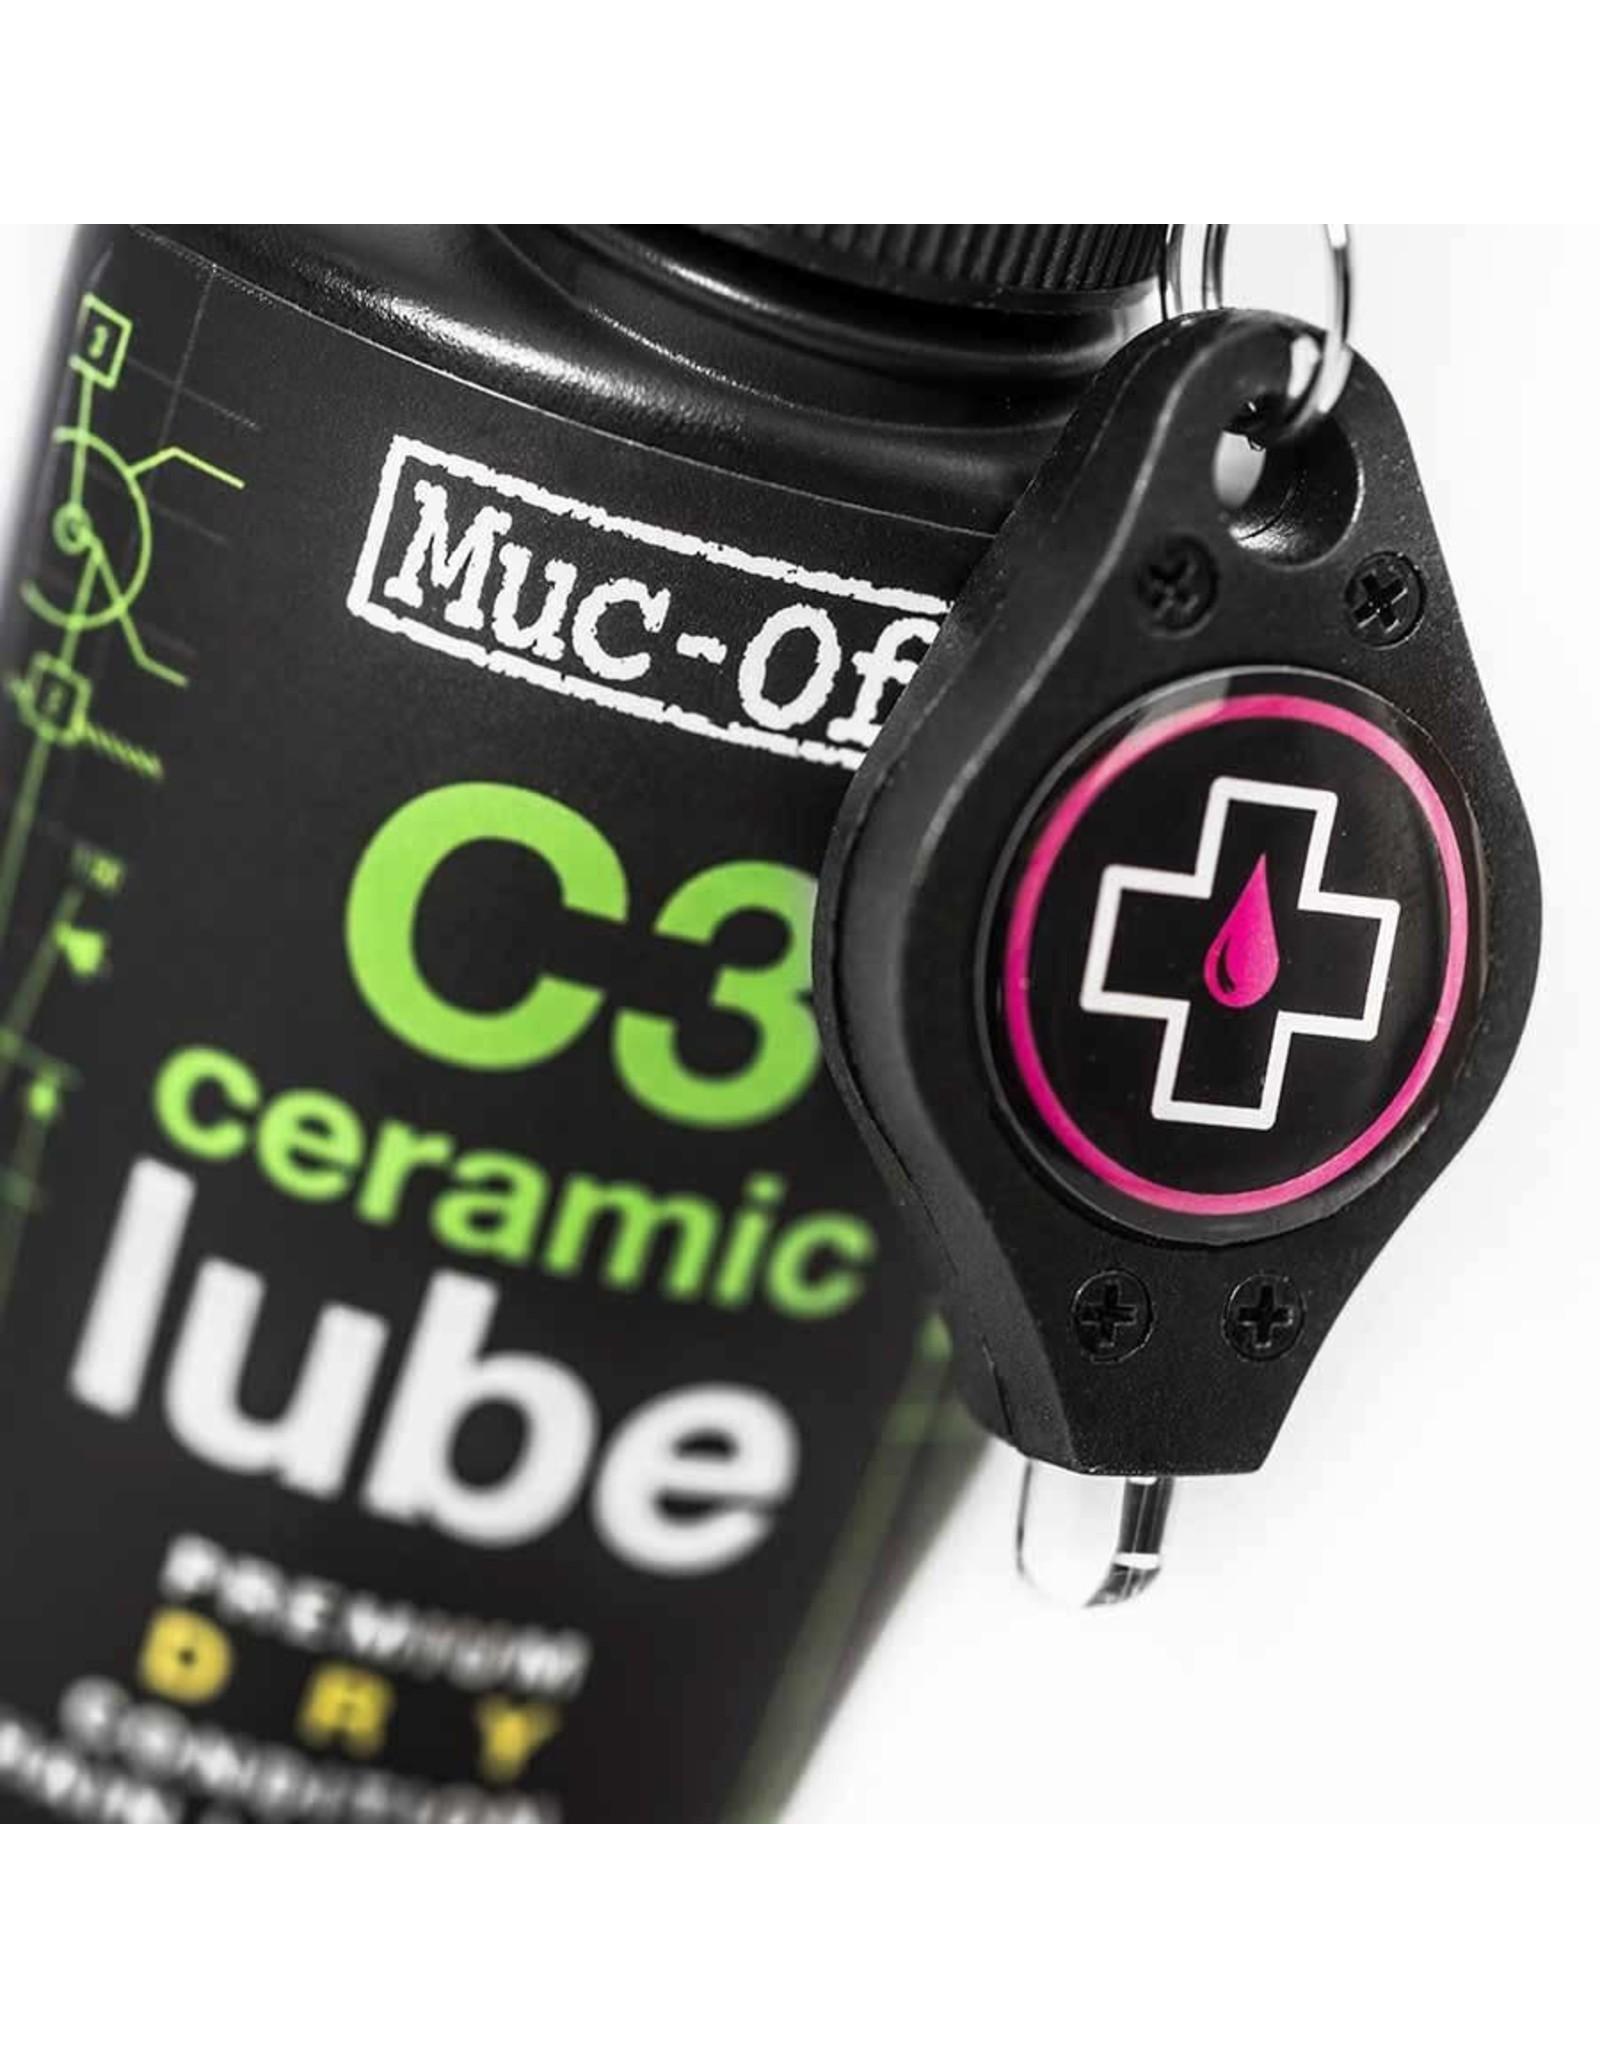 Muc-Off Muc Off - Ceramic Dry Lubricant, 50ml